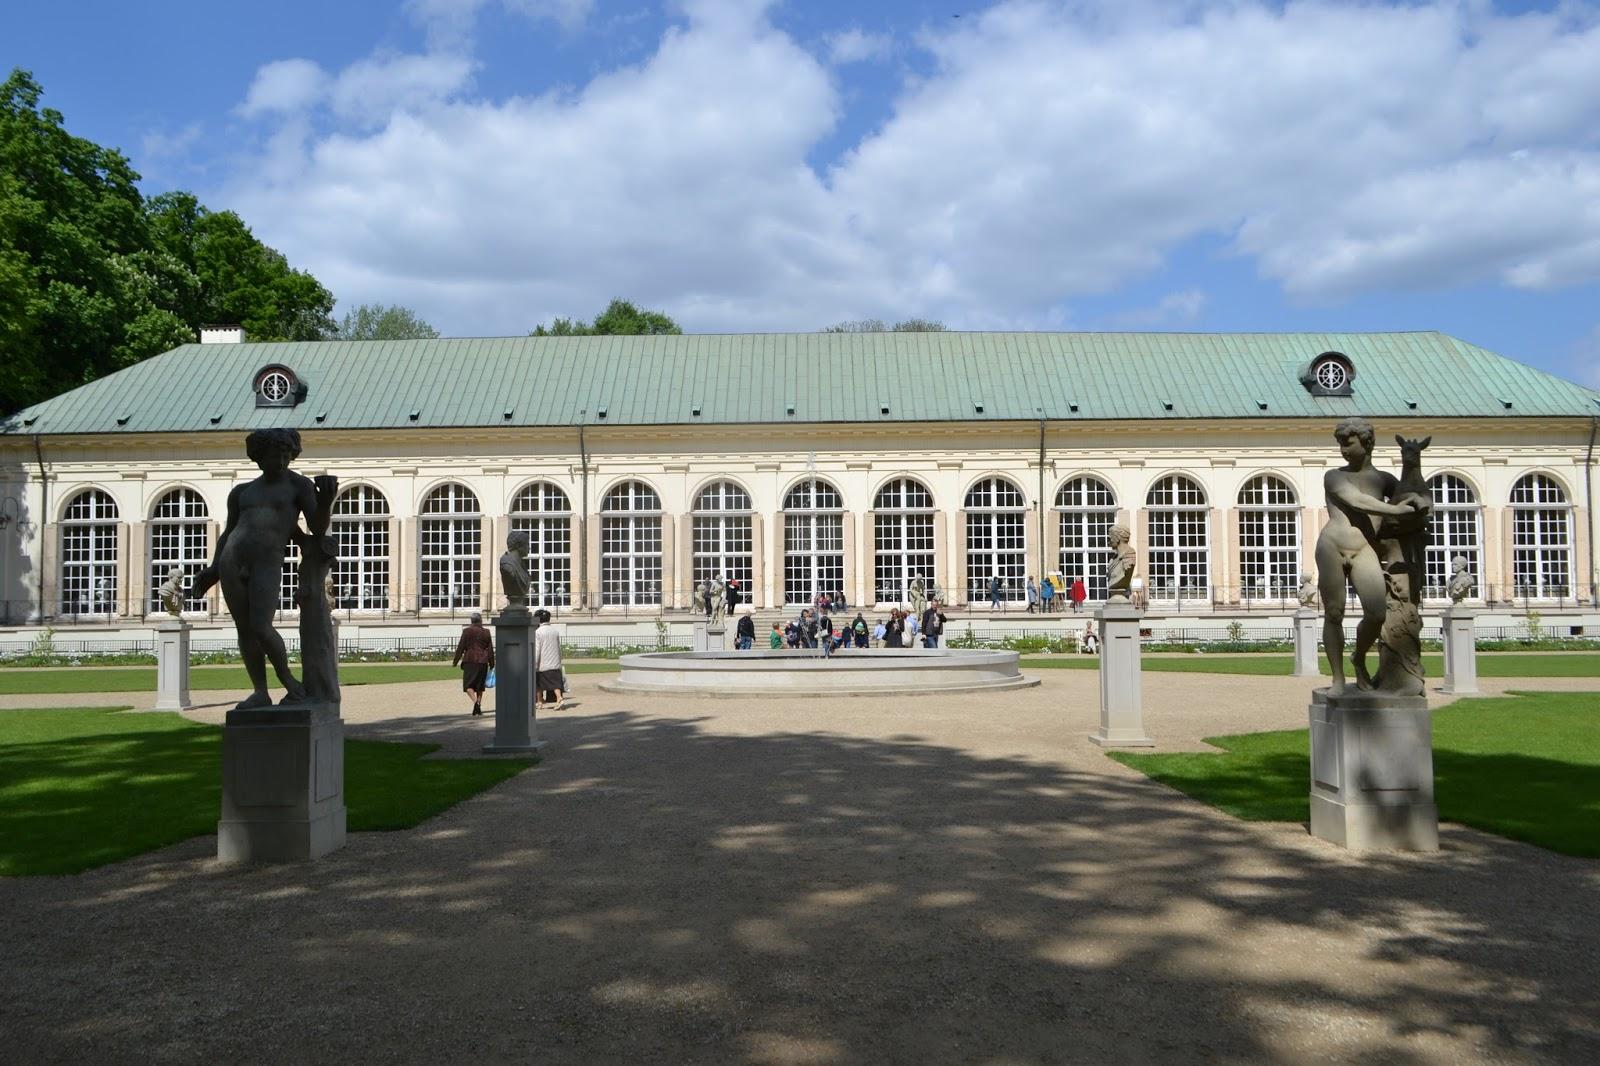 Cudowny świat Warszawa Sekretów łazienek Ciąg Dalszy